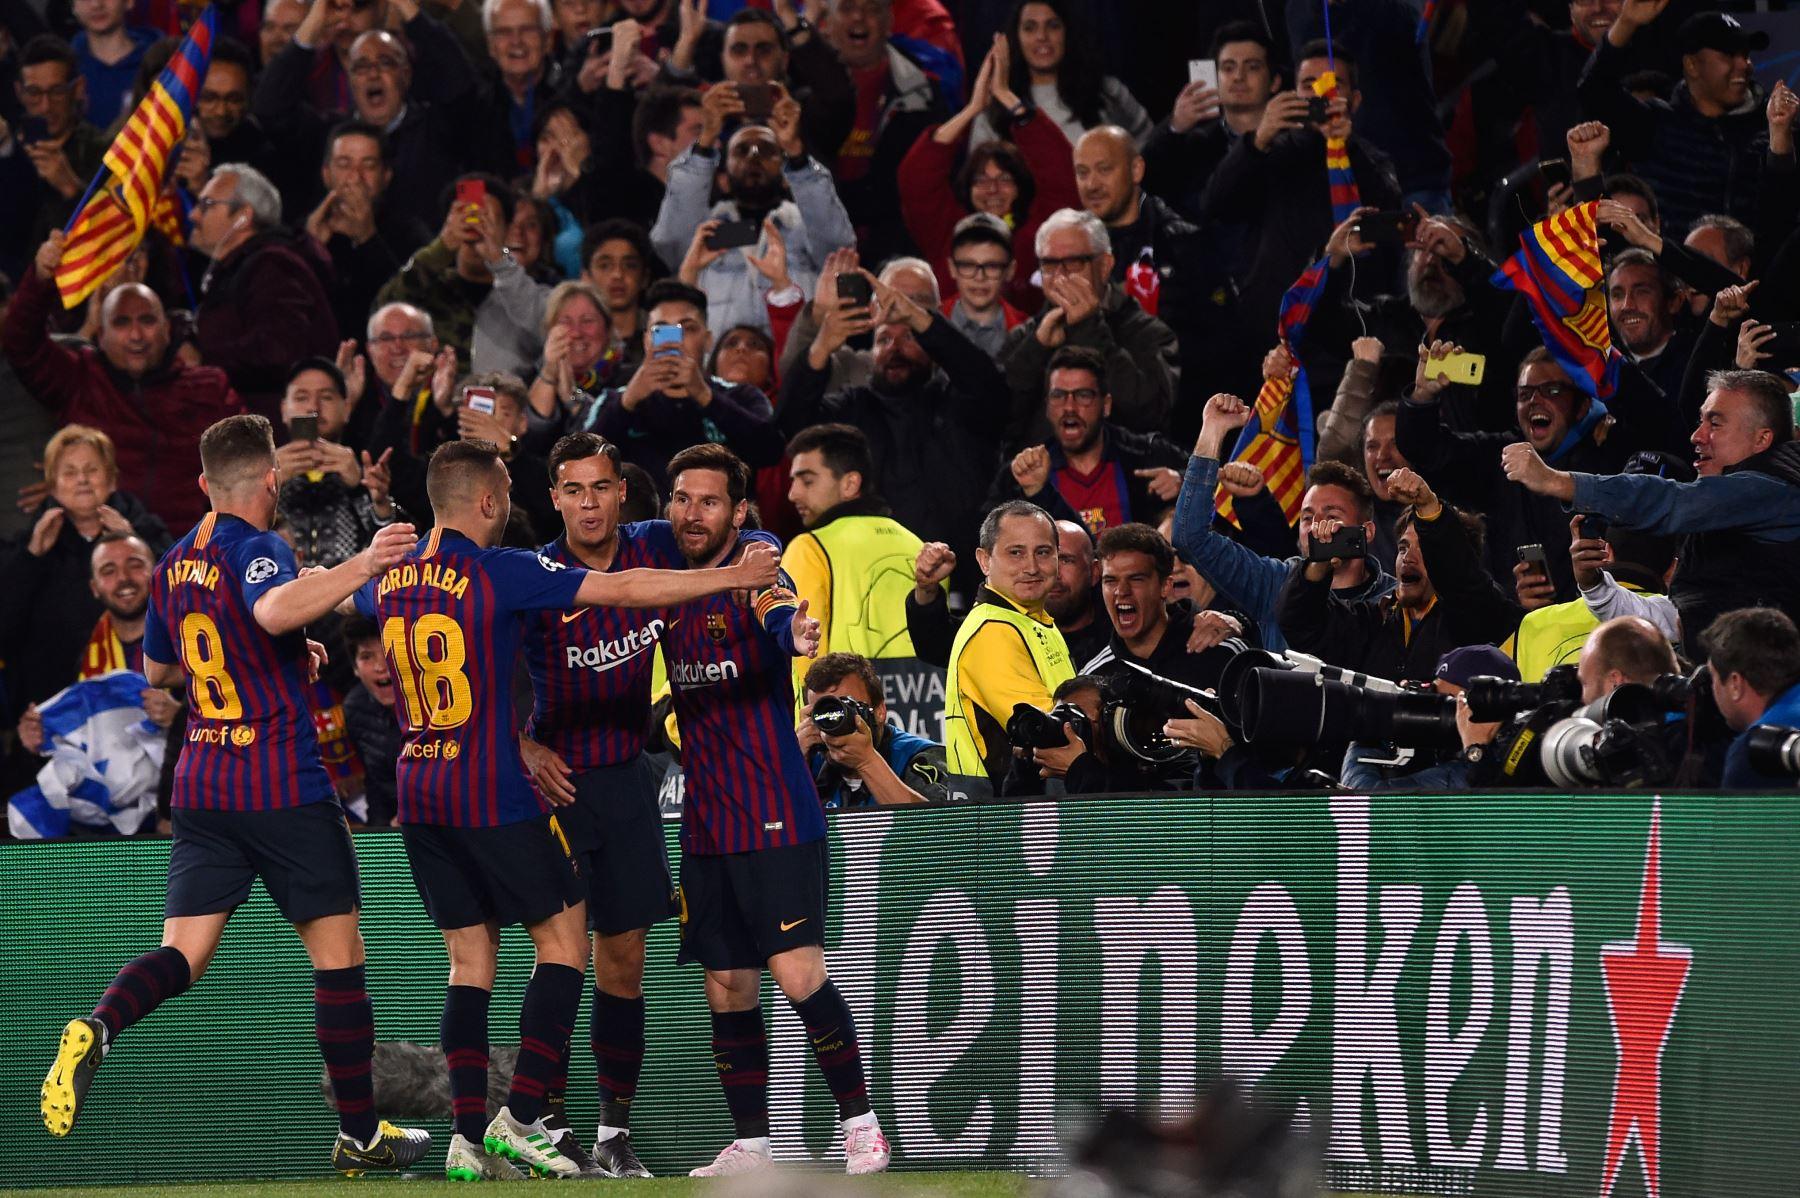 El delantero argentino de Barcelona, Lionel Messi (R), celebra después de anotar durante el partido de fútbol de la segunda jornada de la UEFA Champions League entre Barcelona y Manchester United.Foto:AFP